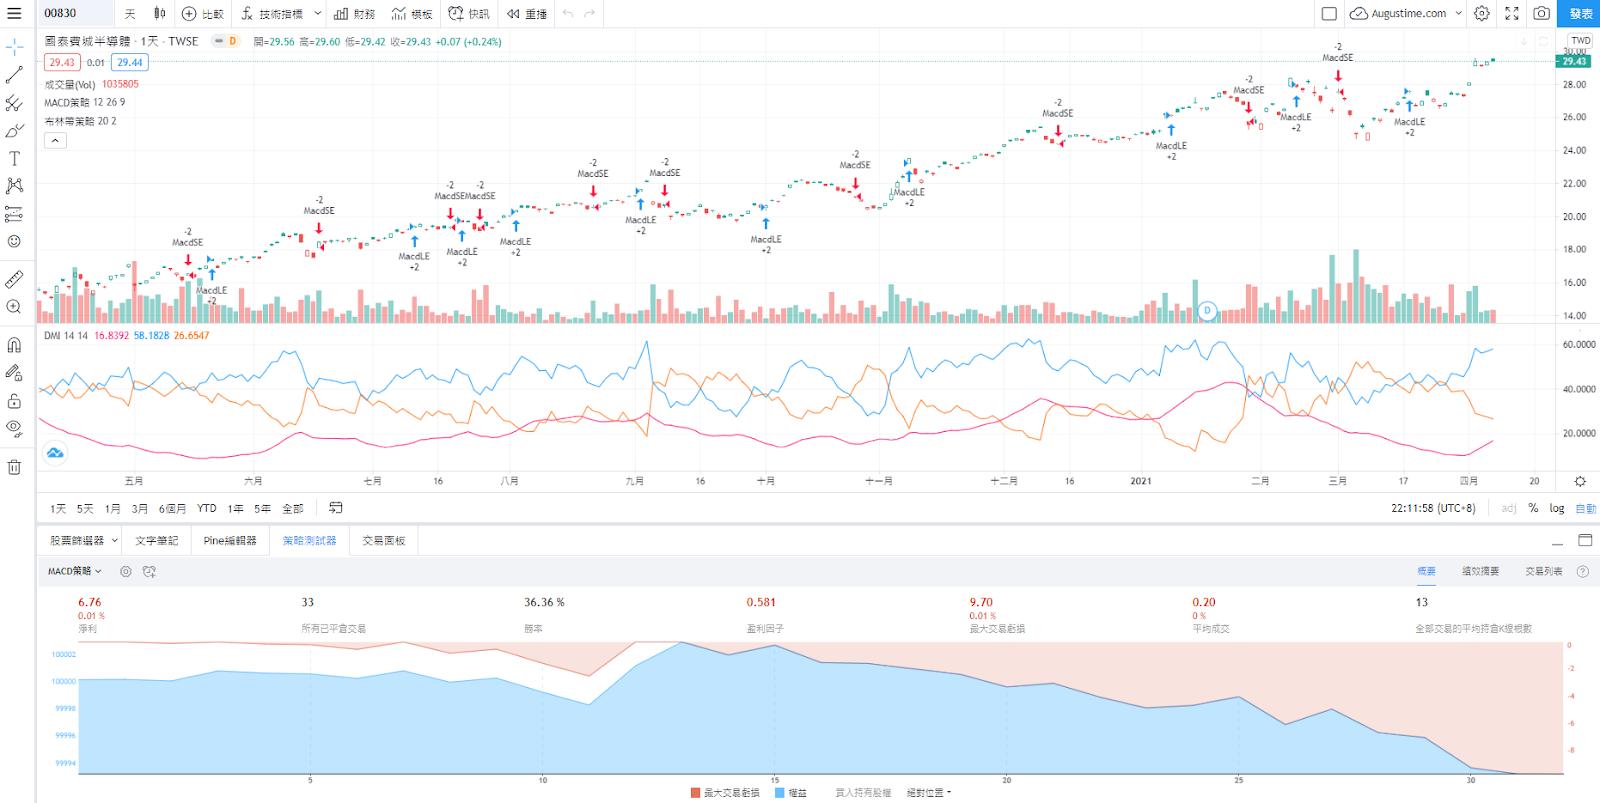 國泰00830股價走勢圖與K線圖